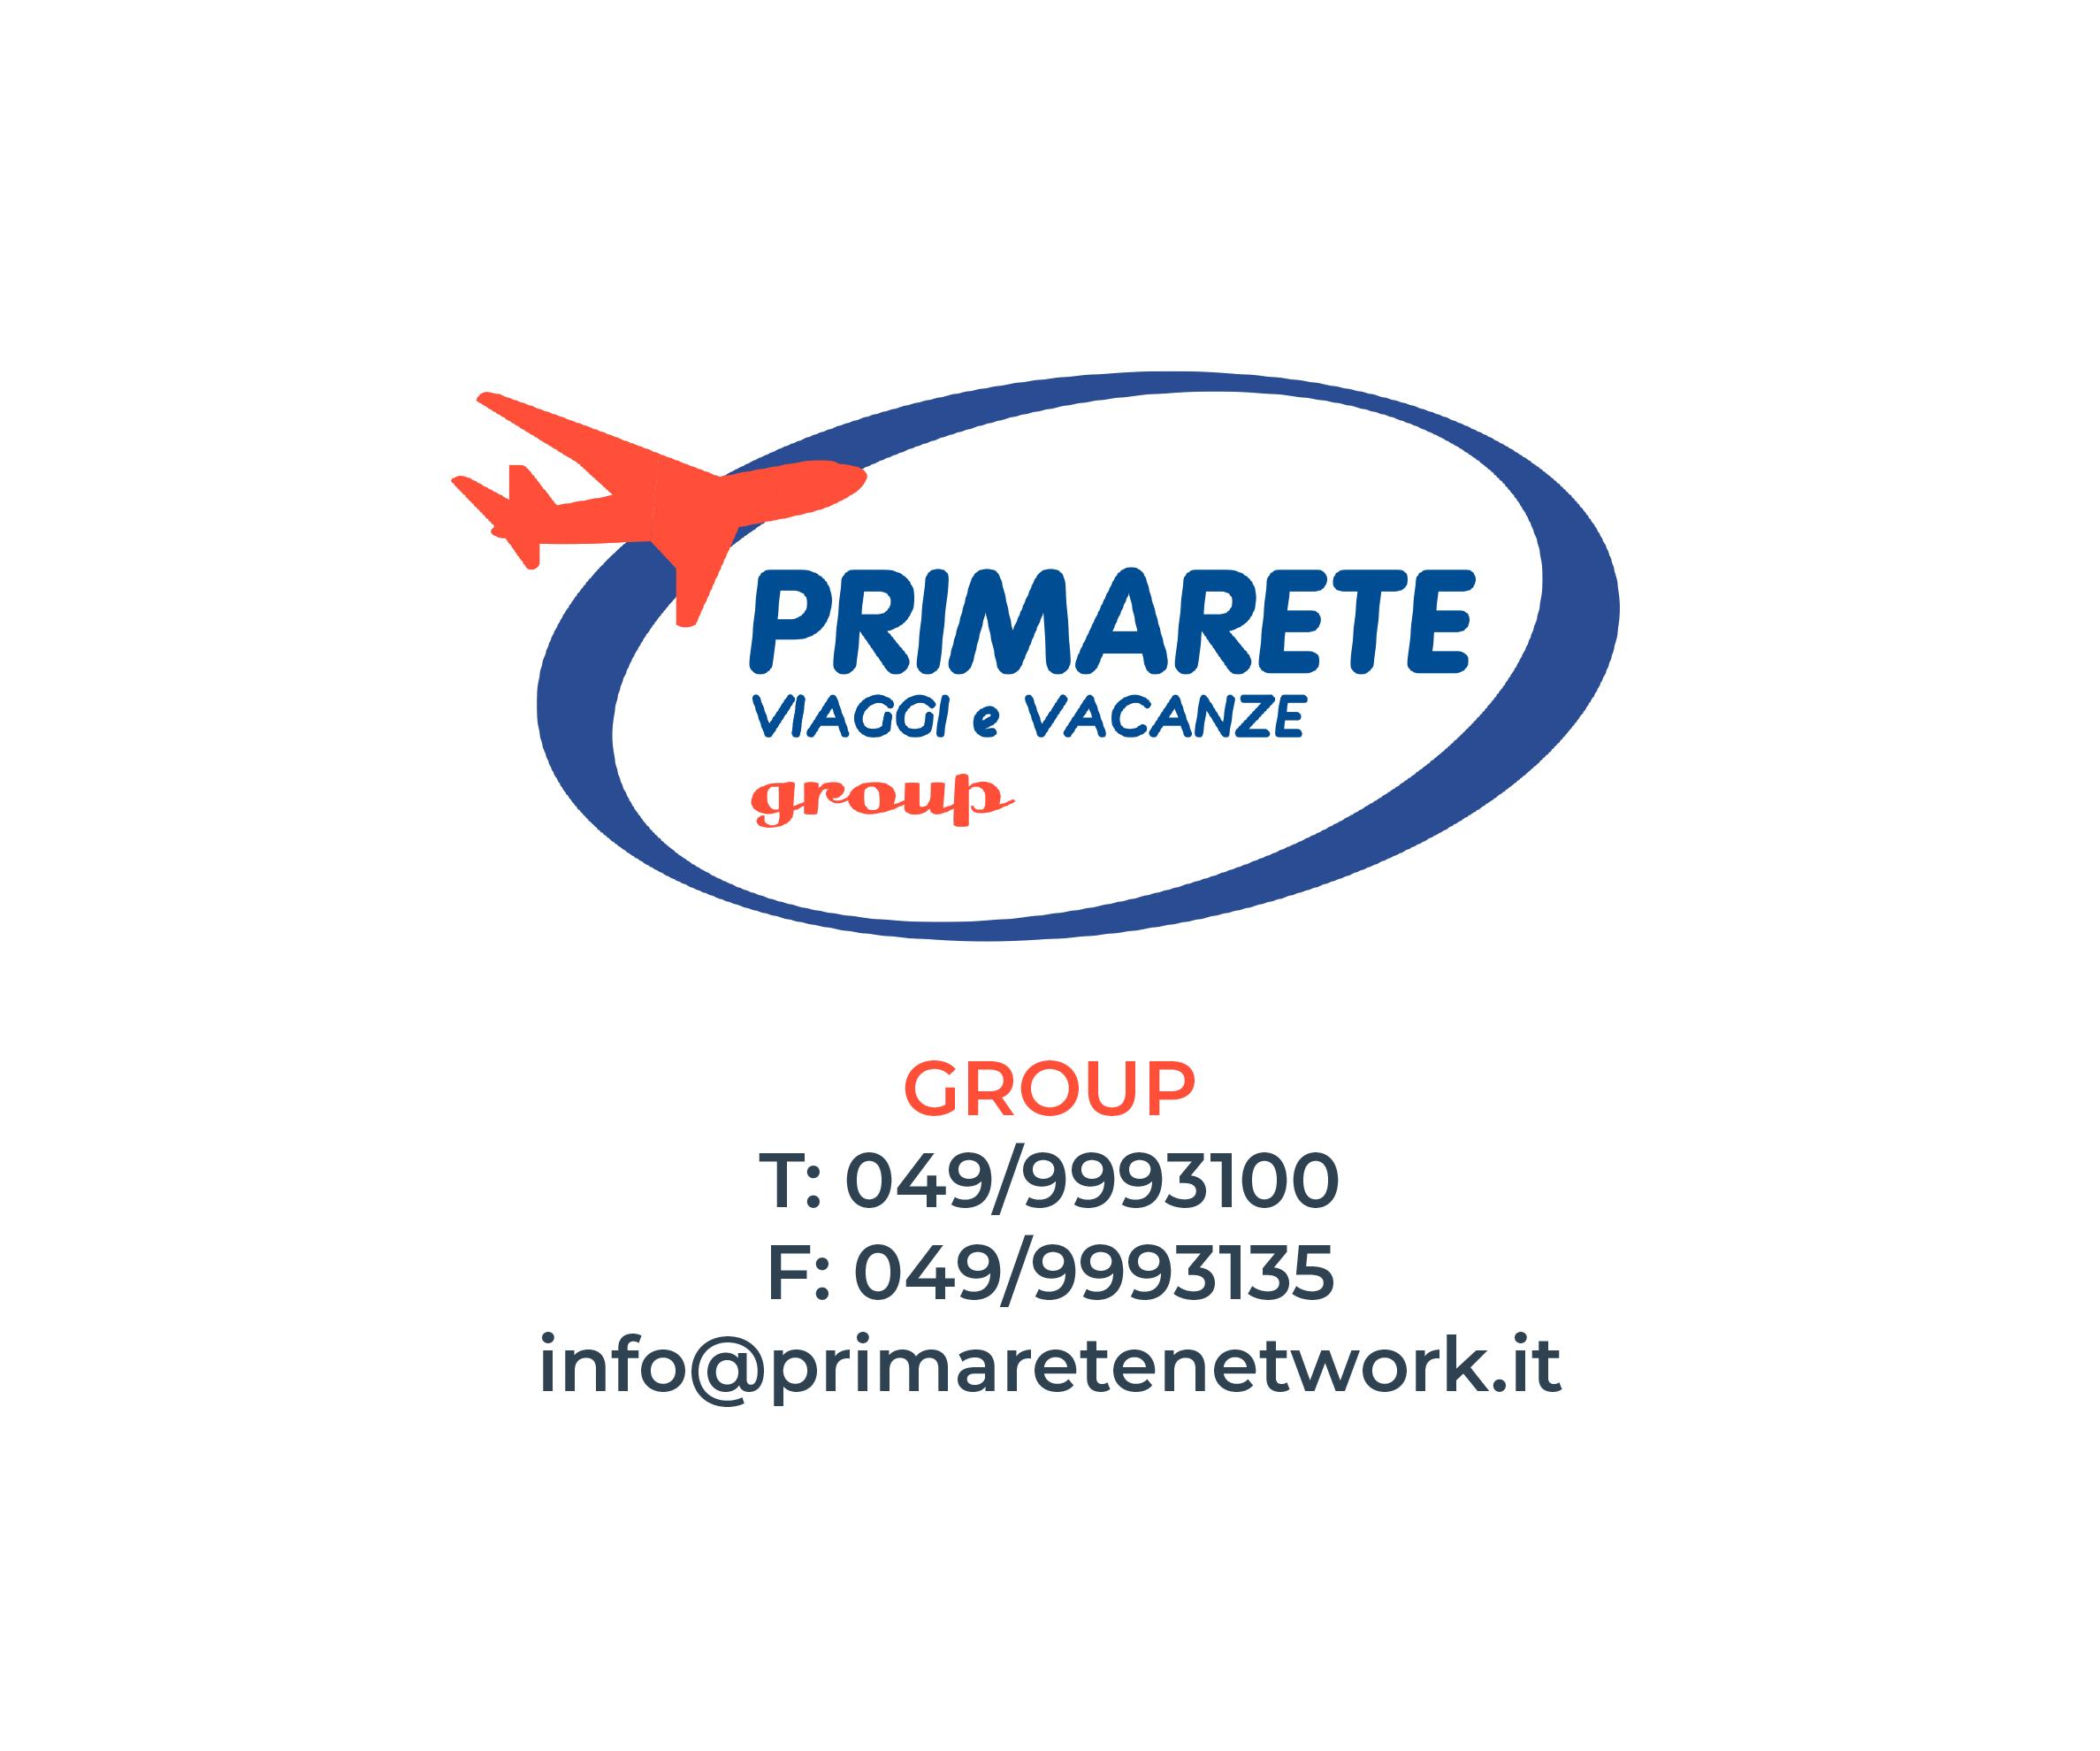 Primarete Group Contatti